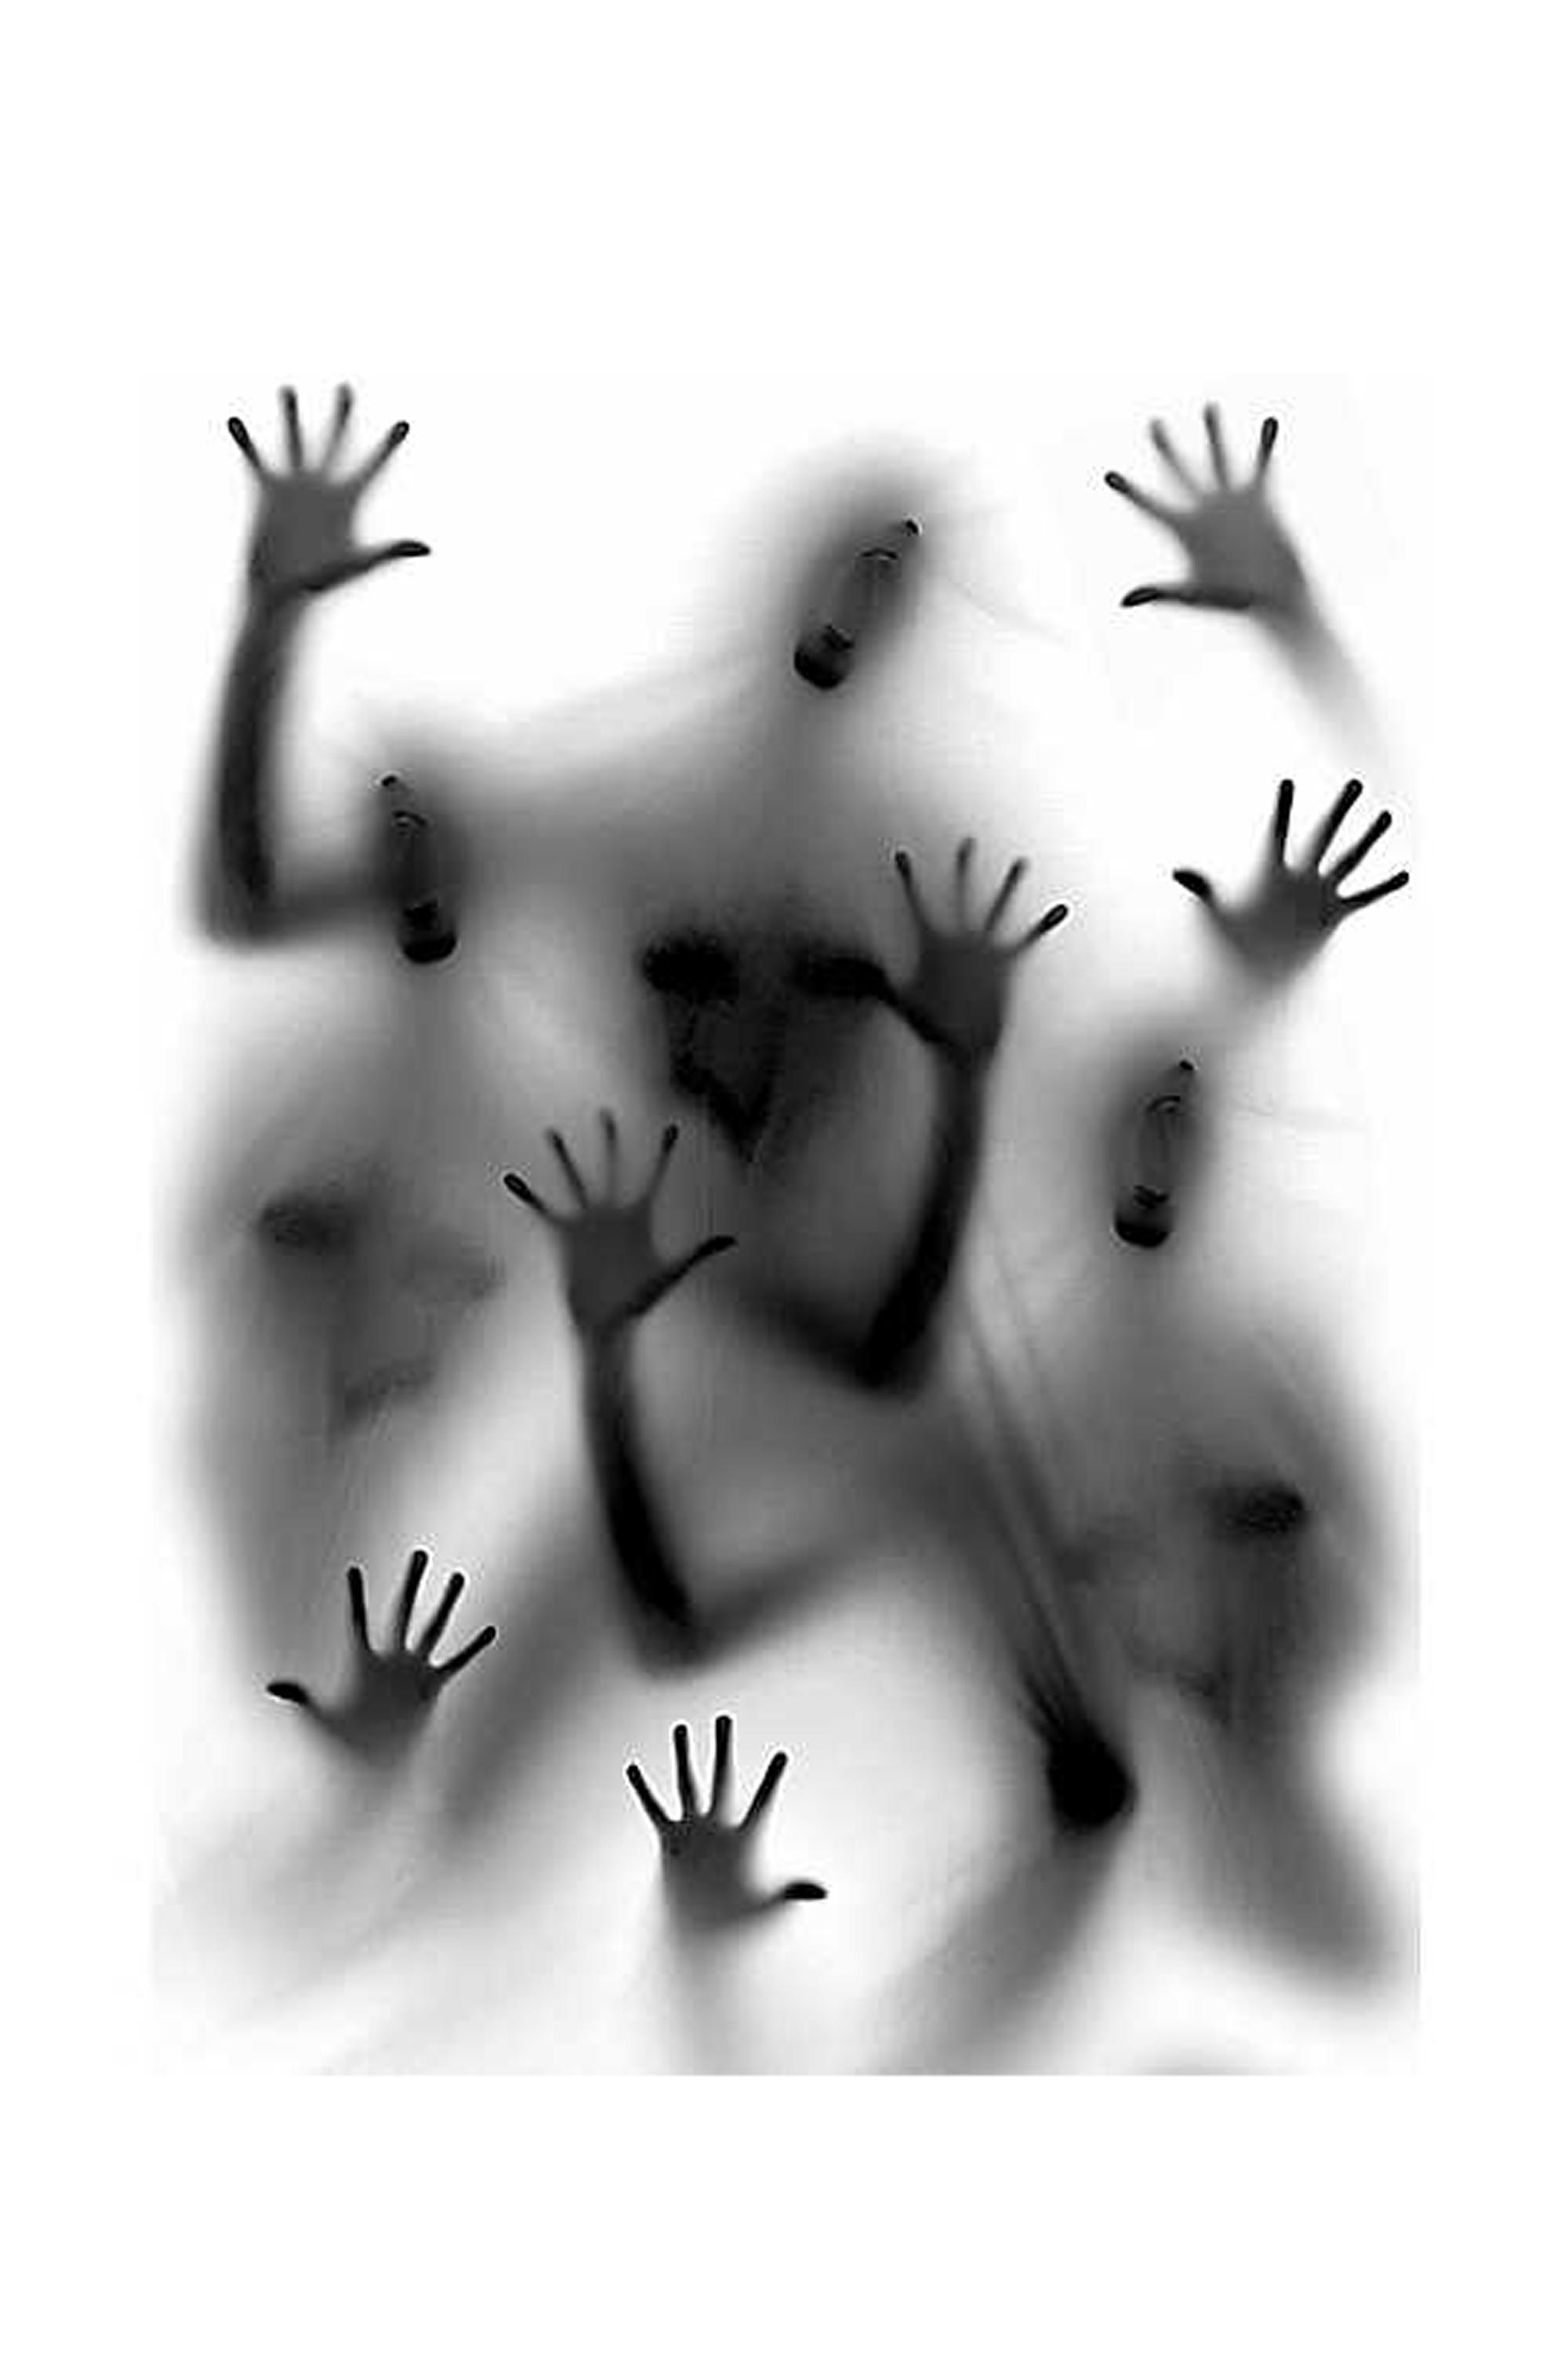 20 Halloween Window Decorations - Spooky Halloween Window Clings